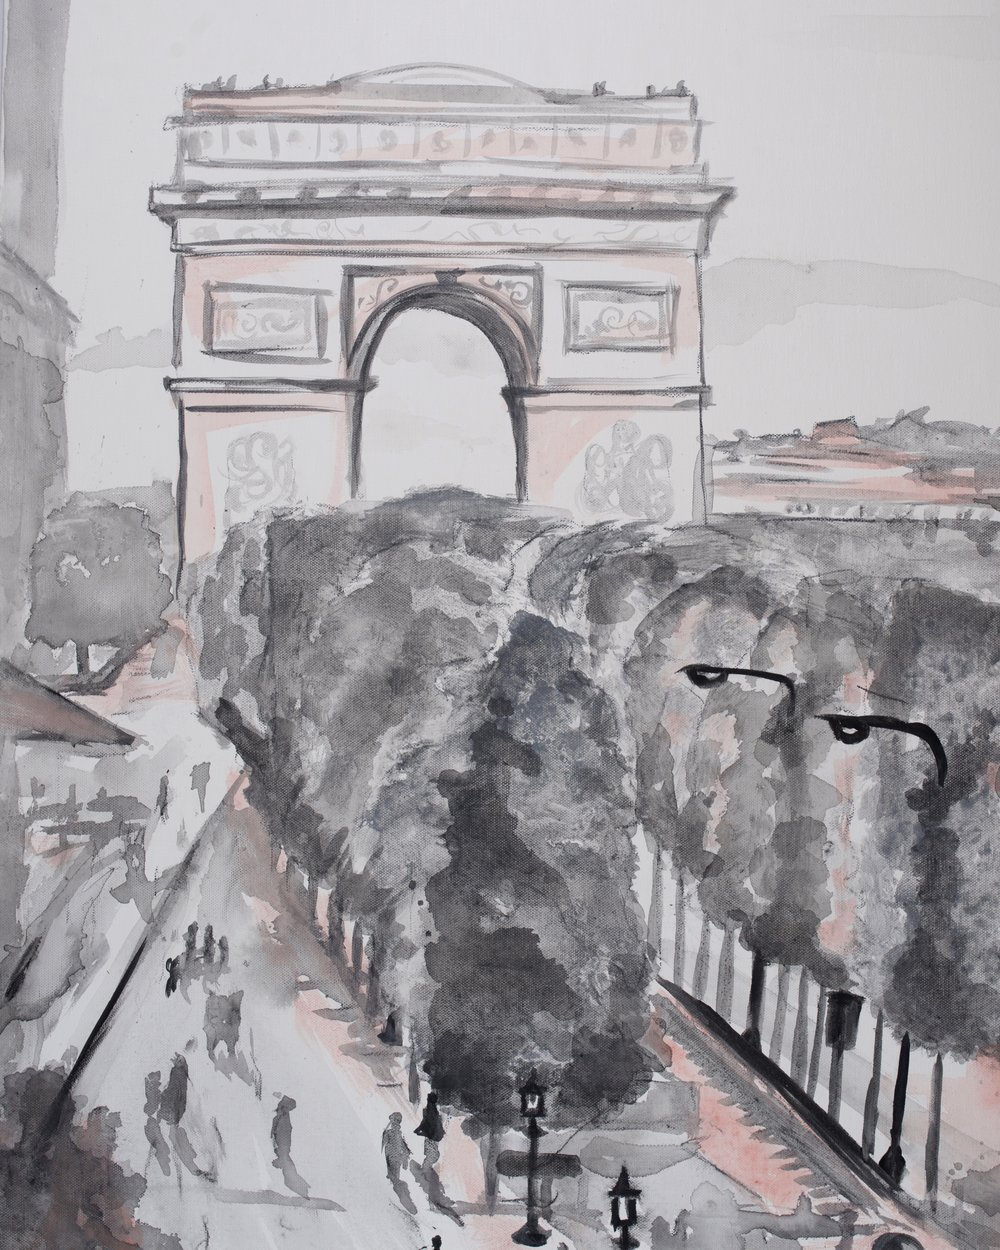 Pink Paris Arche de Triomphe, art prints